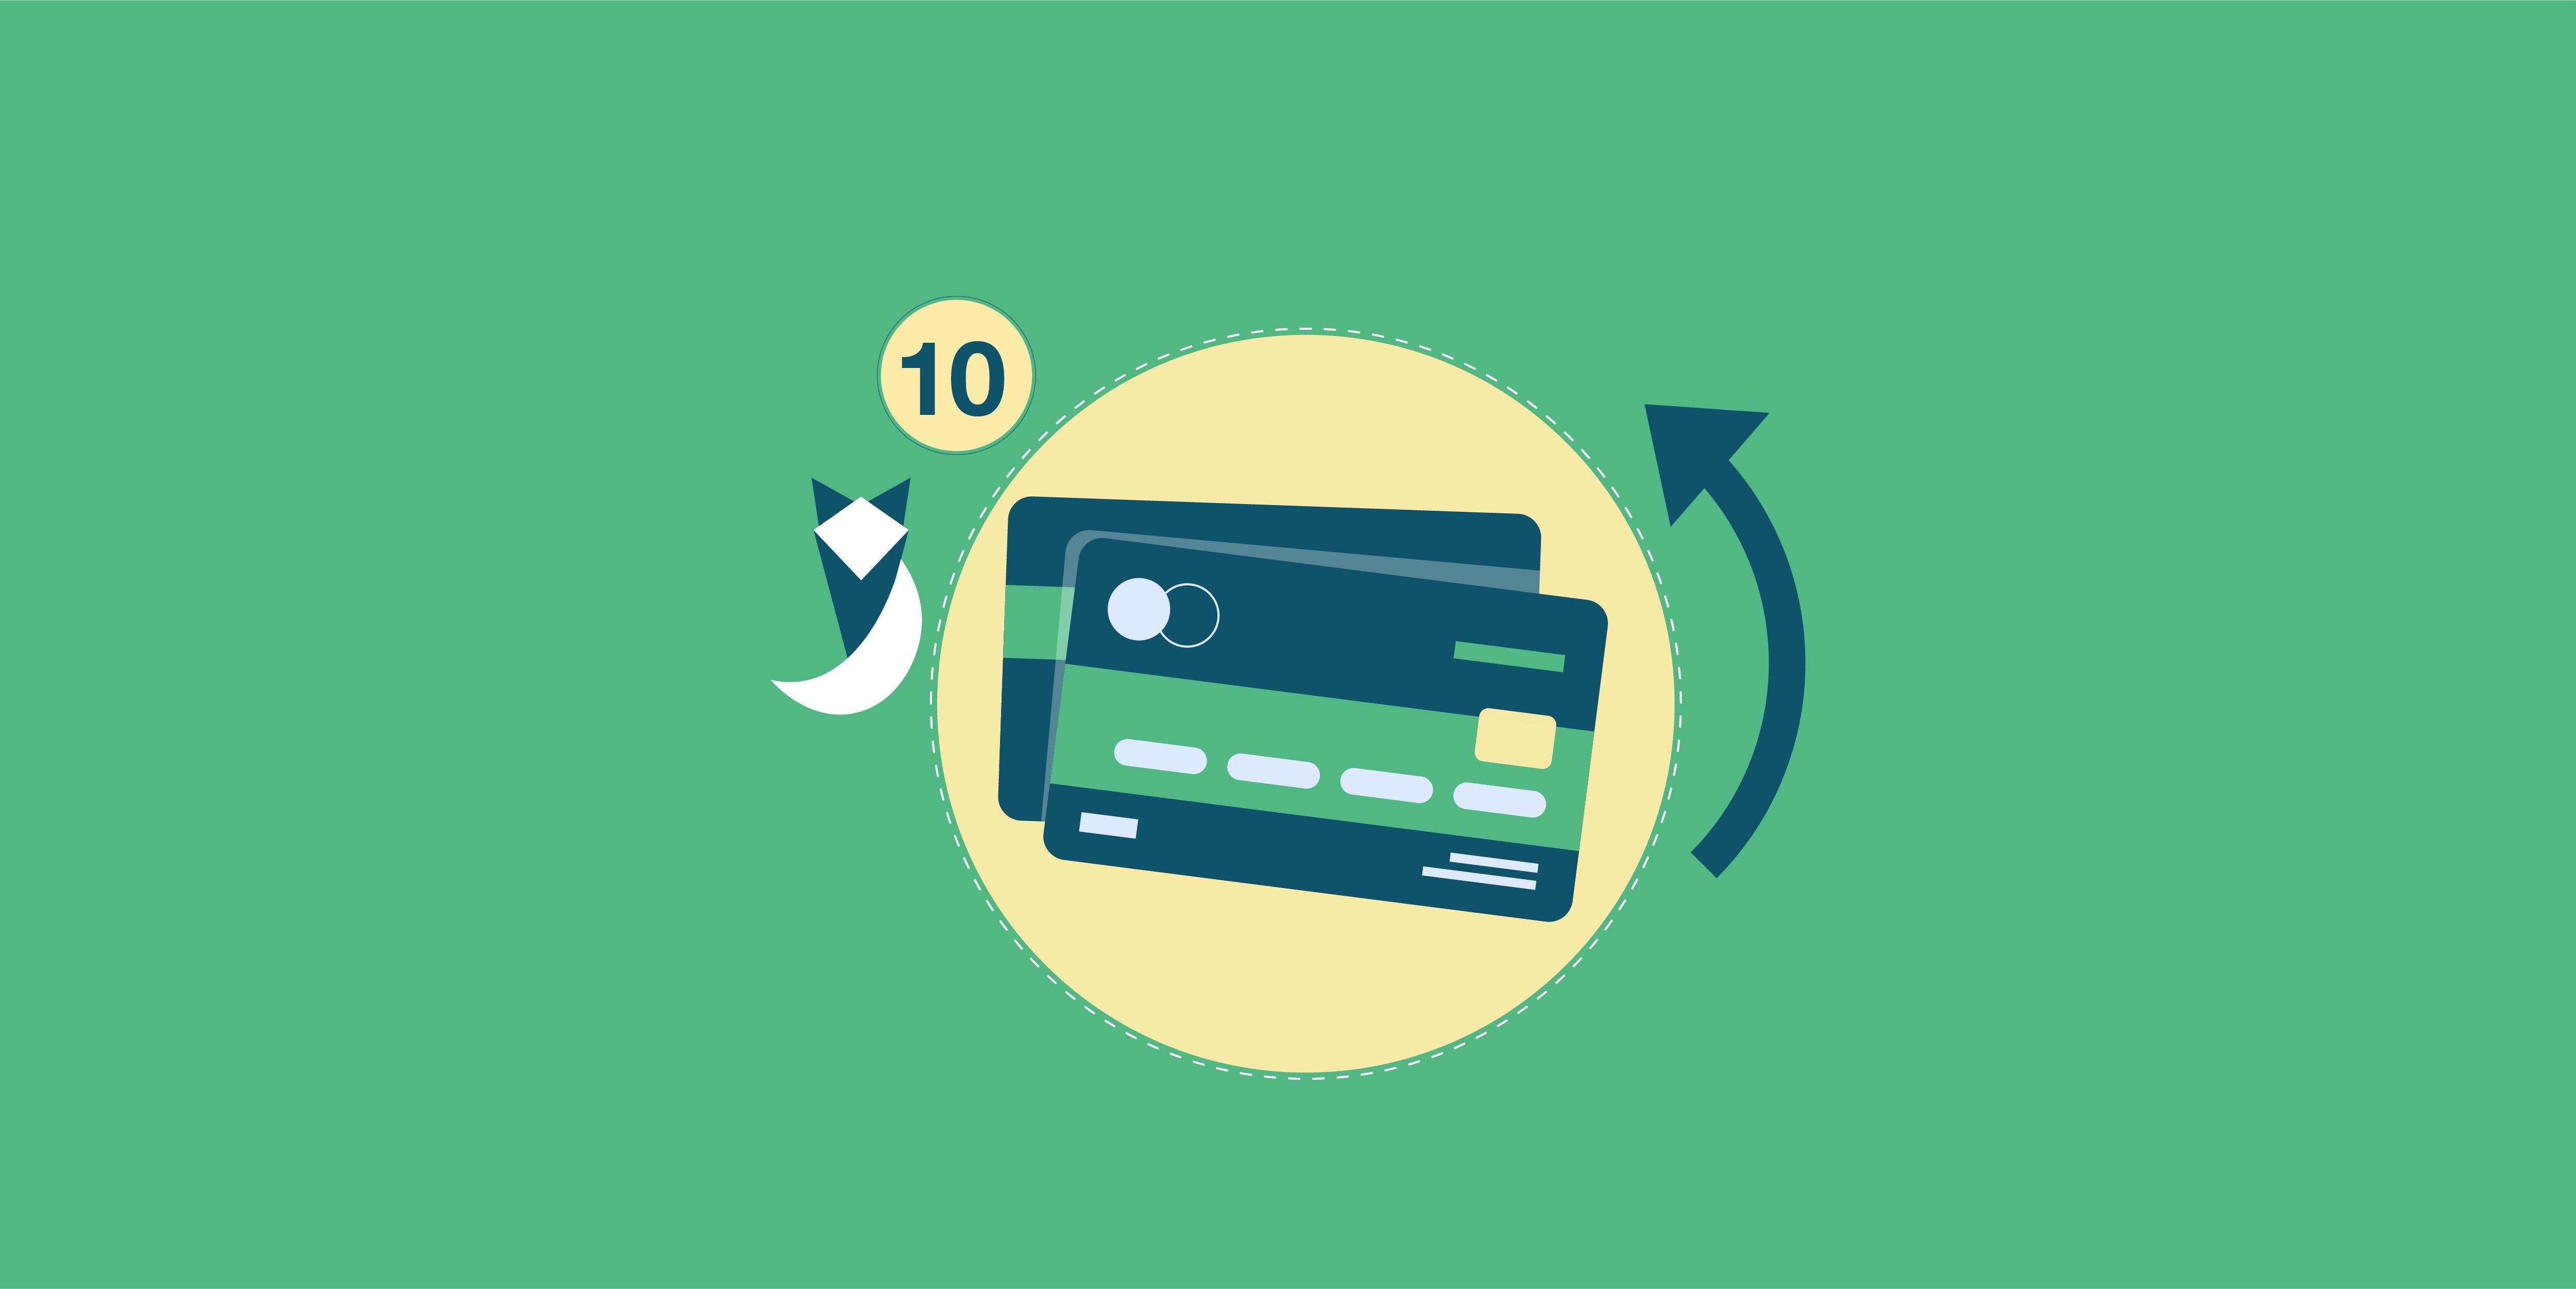 أعلى 10 بطاقات ائتمان بحد أدنى 50,000 جنيه في أكتوبر 2021